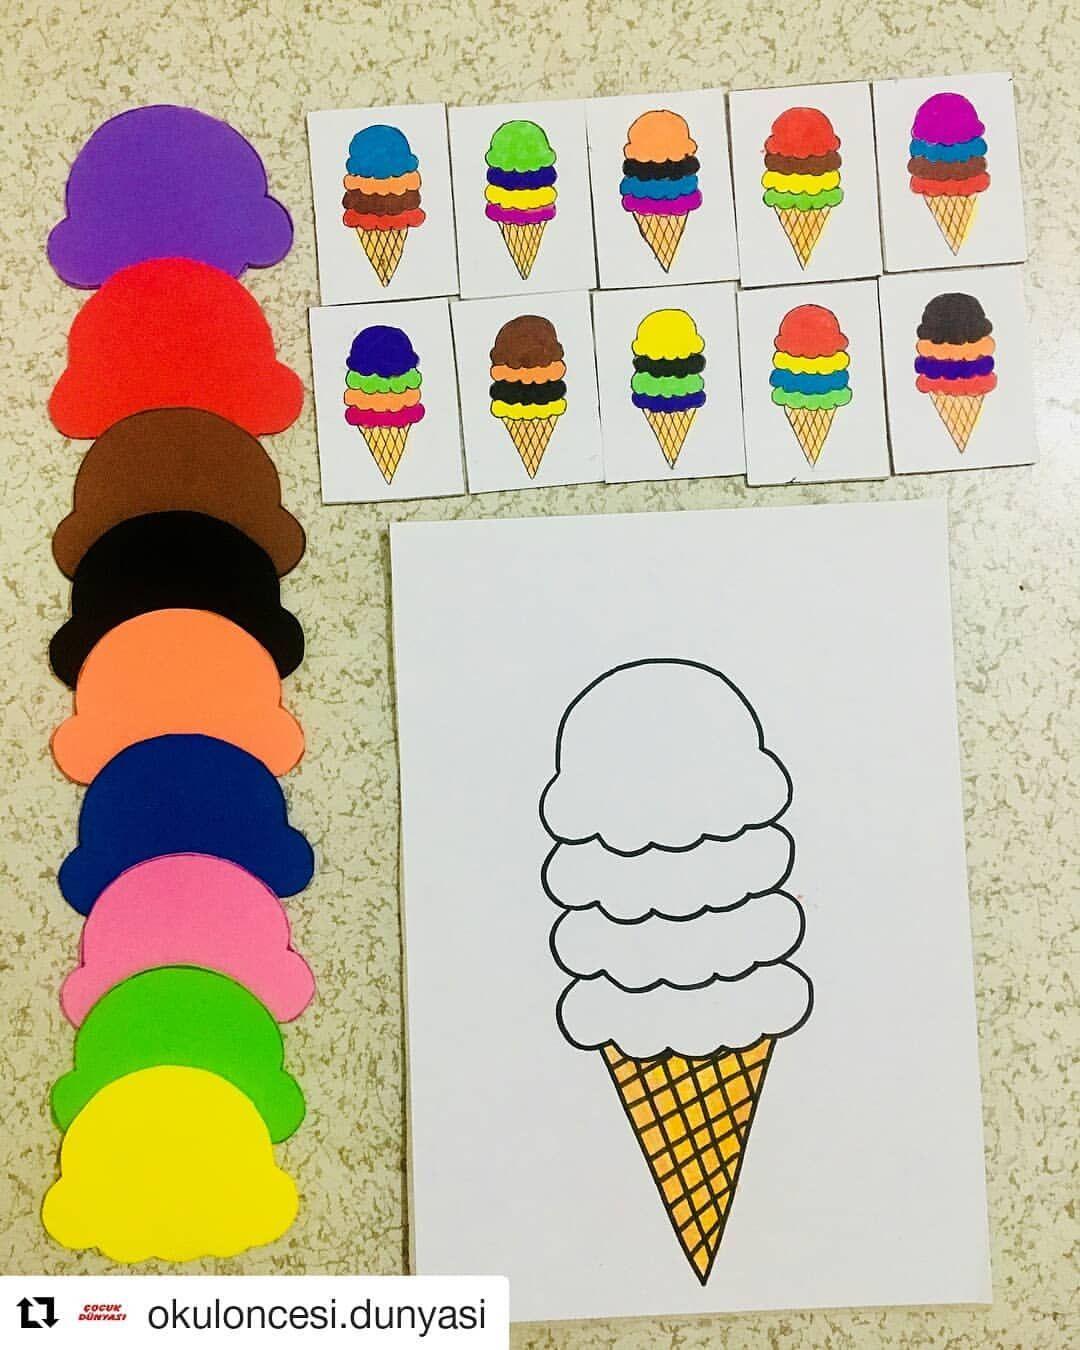 Tesekkurler Repost Okuloncesi Dunyasi Get Repost Tam Da Mevsimi Cocuklar Icin Yi Toddler Learning Activities Montessori Activities Toddler Activities